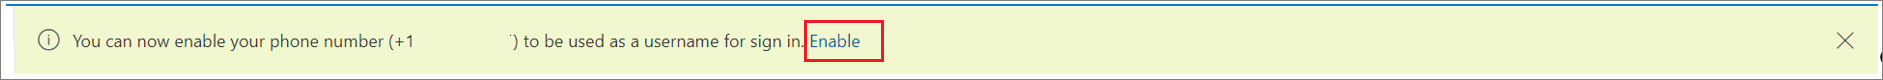 """Снимок экрана: баннер, позволяющий включить sms-вход для номера телефона с выбранным действием """"Включить""""."""